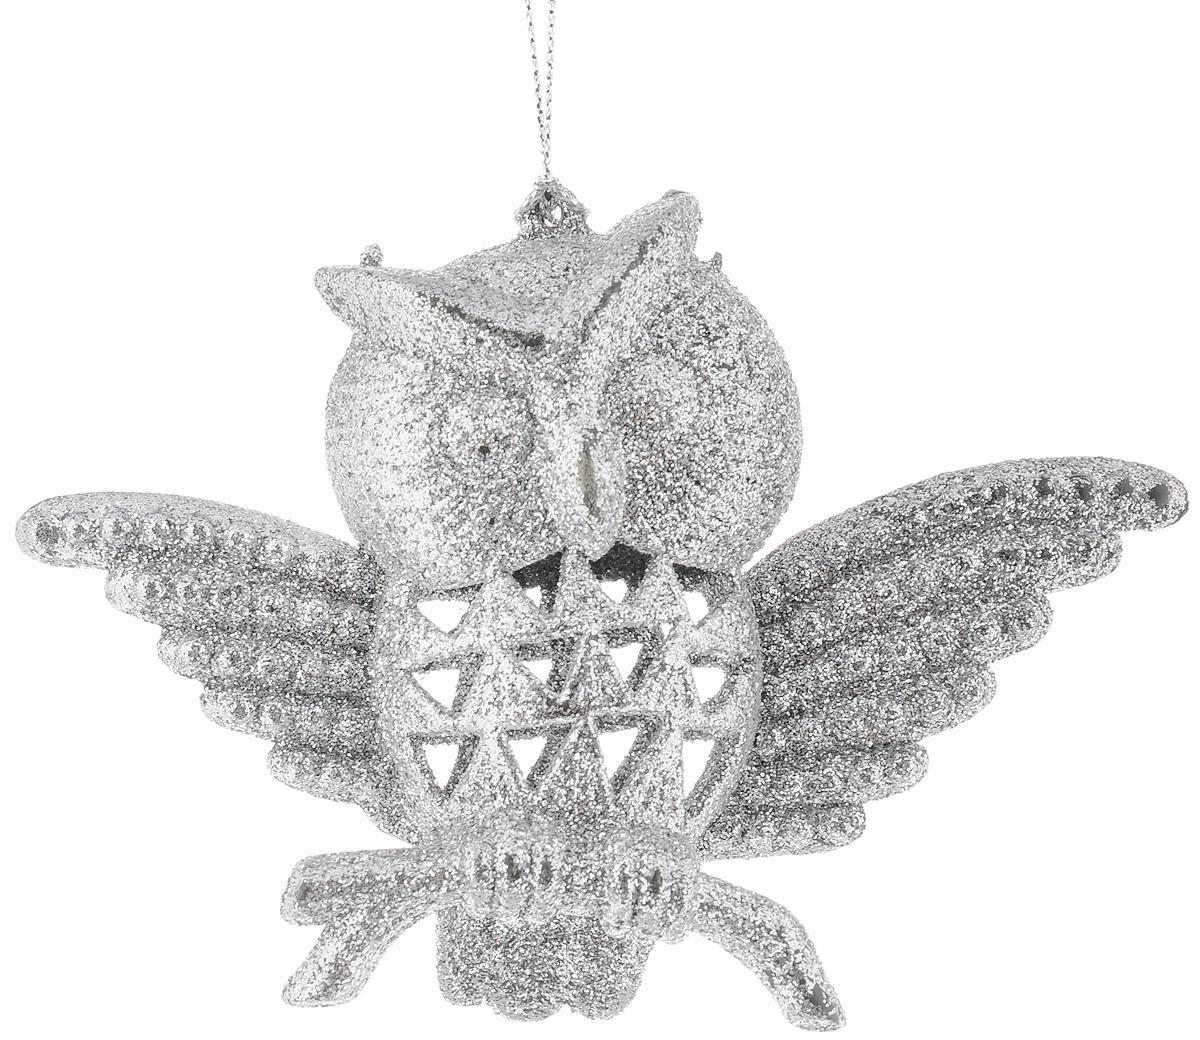 Украшение новогоднее подвесное Magic Time Сова в серебряном, высота 9 см38711Новогоднее украшение Magic Time Сова в серебряномотлично подойдет для декорации вашего дома иновогодней ели.Изделие, выполненное из пластика, декорировано блестками и оснащеноспециальной петелькой для подвешивания. Елочная игрушка - символ Нового года. Она несет всебе волшебство и красоту праздника. Создайте всвоем доме атмосферу веселья и радости, украшаявсей семьей новогоднюю елку наряднымиигрушками, которые будут из года в год накапливатьтеплоту воспоминаний. Размер украшения: 14 х 9 х 5 см.